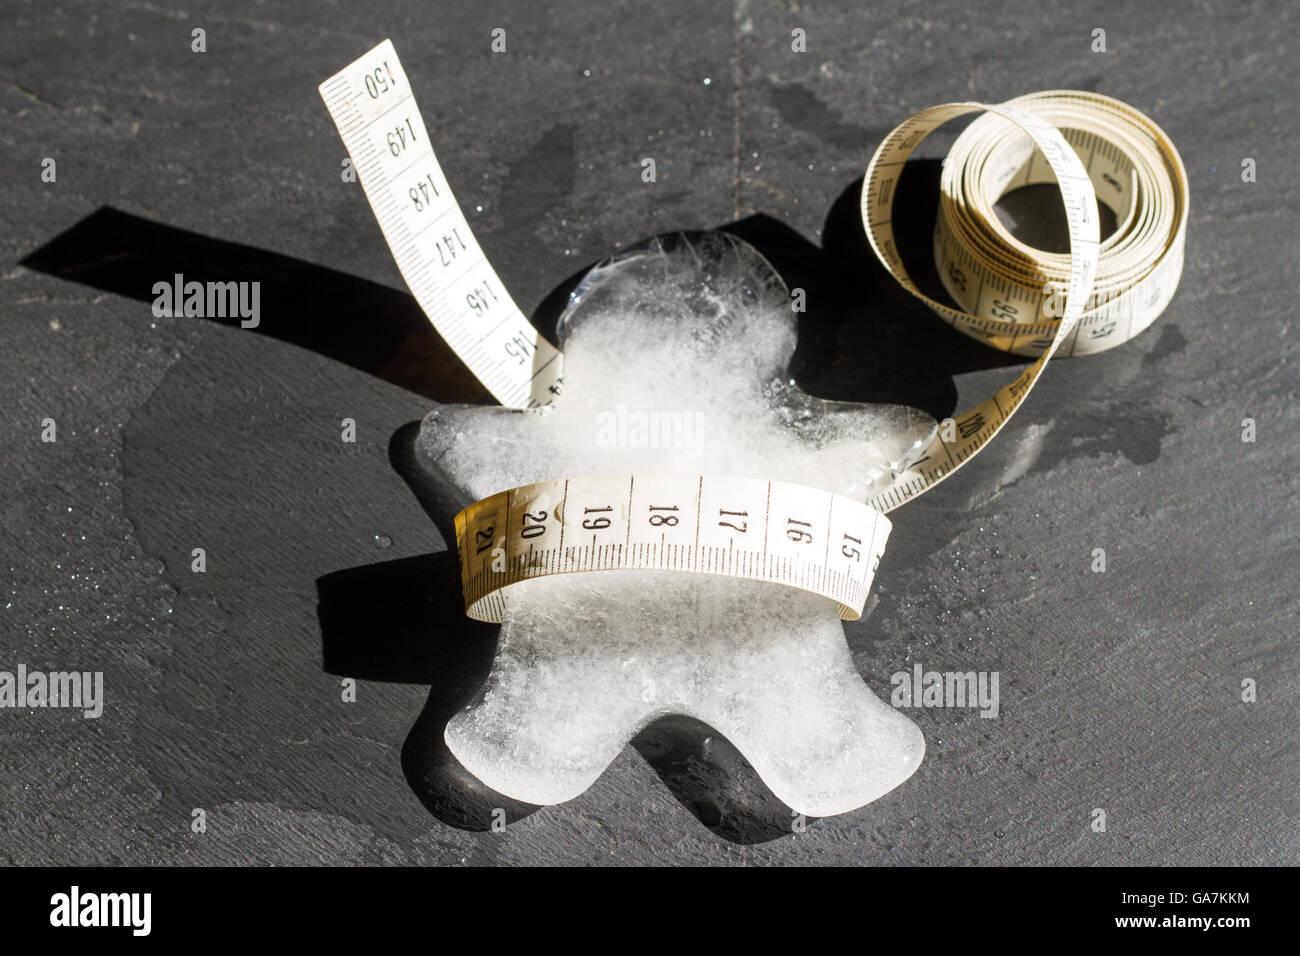 Perder peso y slim concepto abstracto con cuerpo de hielo derritiéndose y medir Imagen De Stock